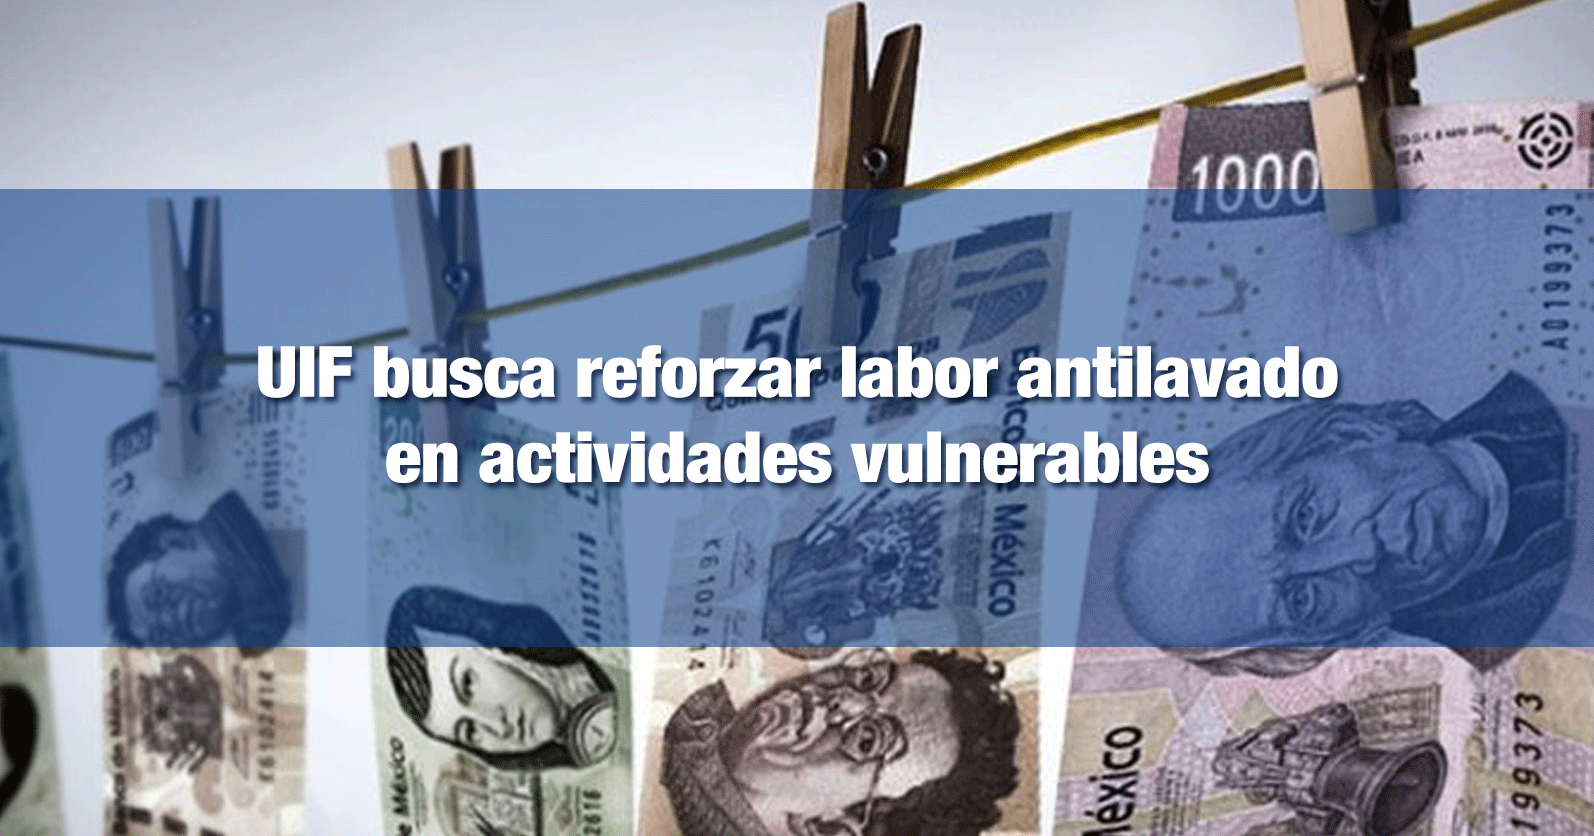 UIF busca reforzar labor antilavado en actividades vulnerables